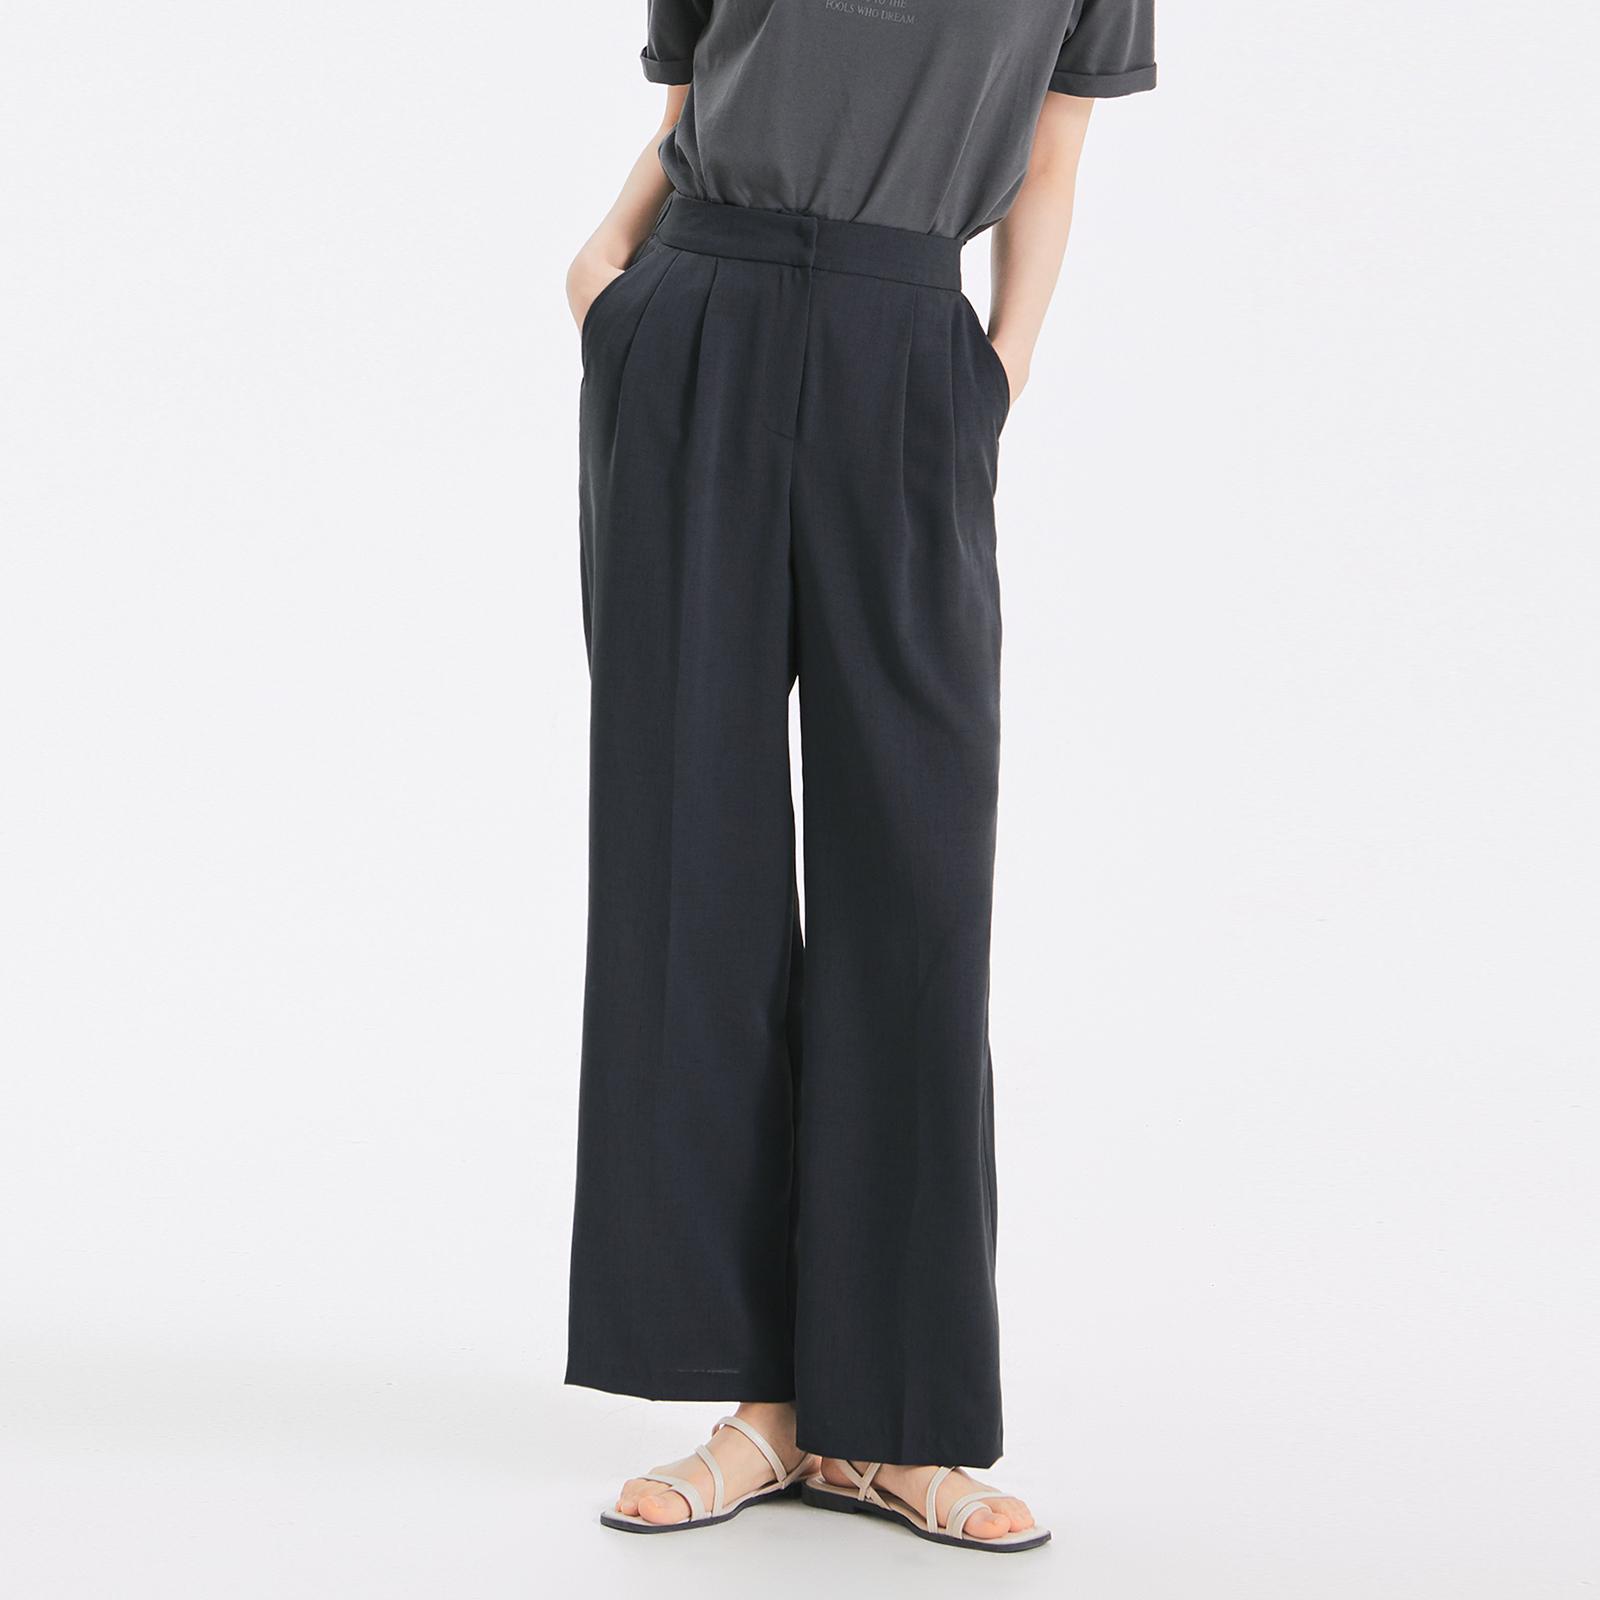 미쏘 여성용 10부 뒷밴딩 와이드 슬랙스